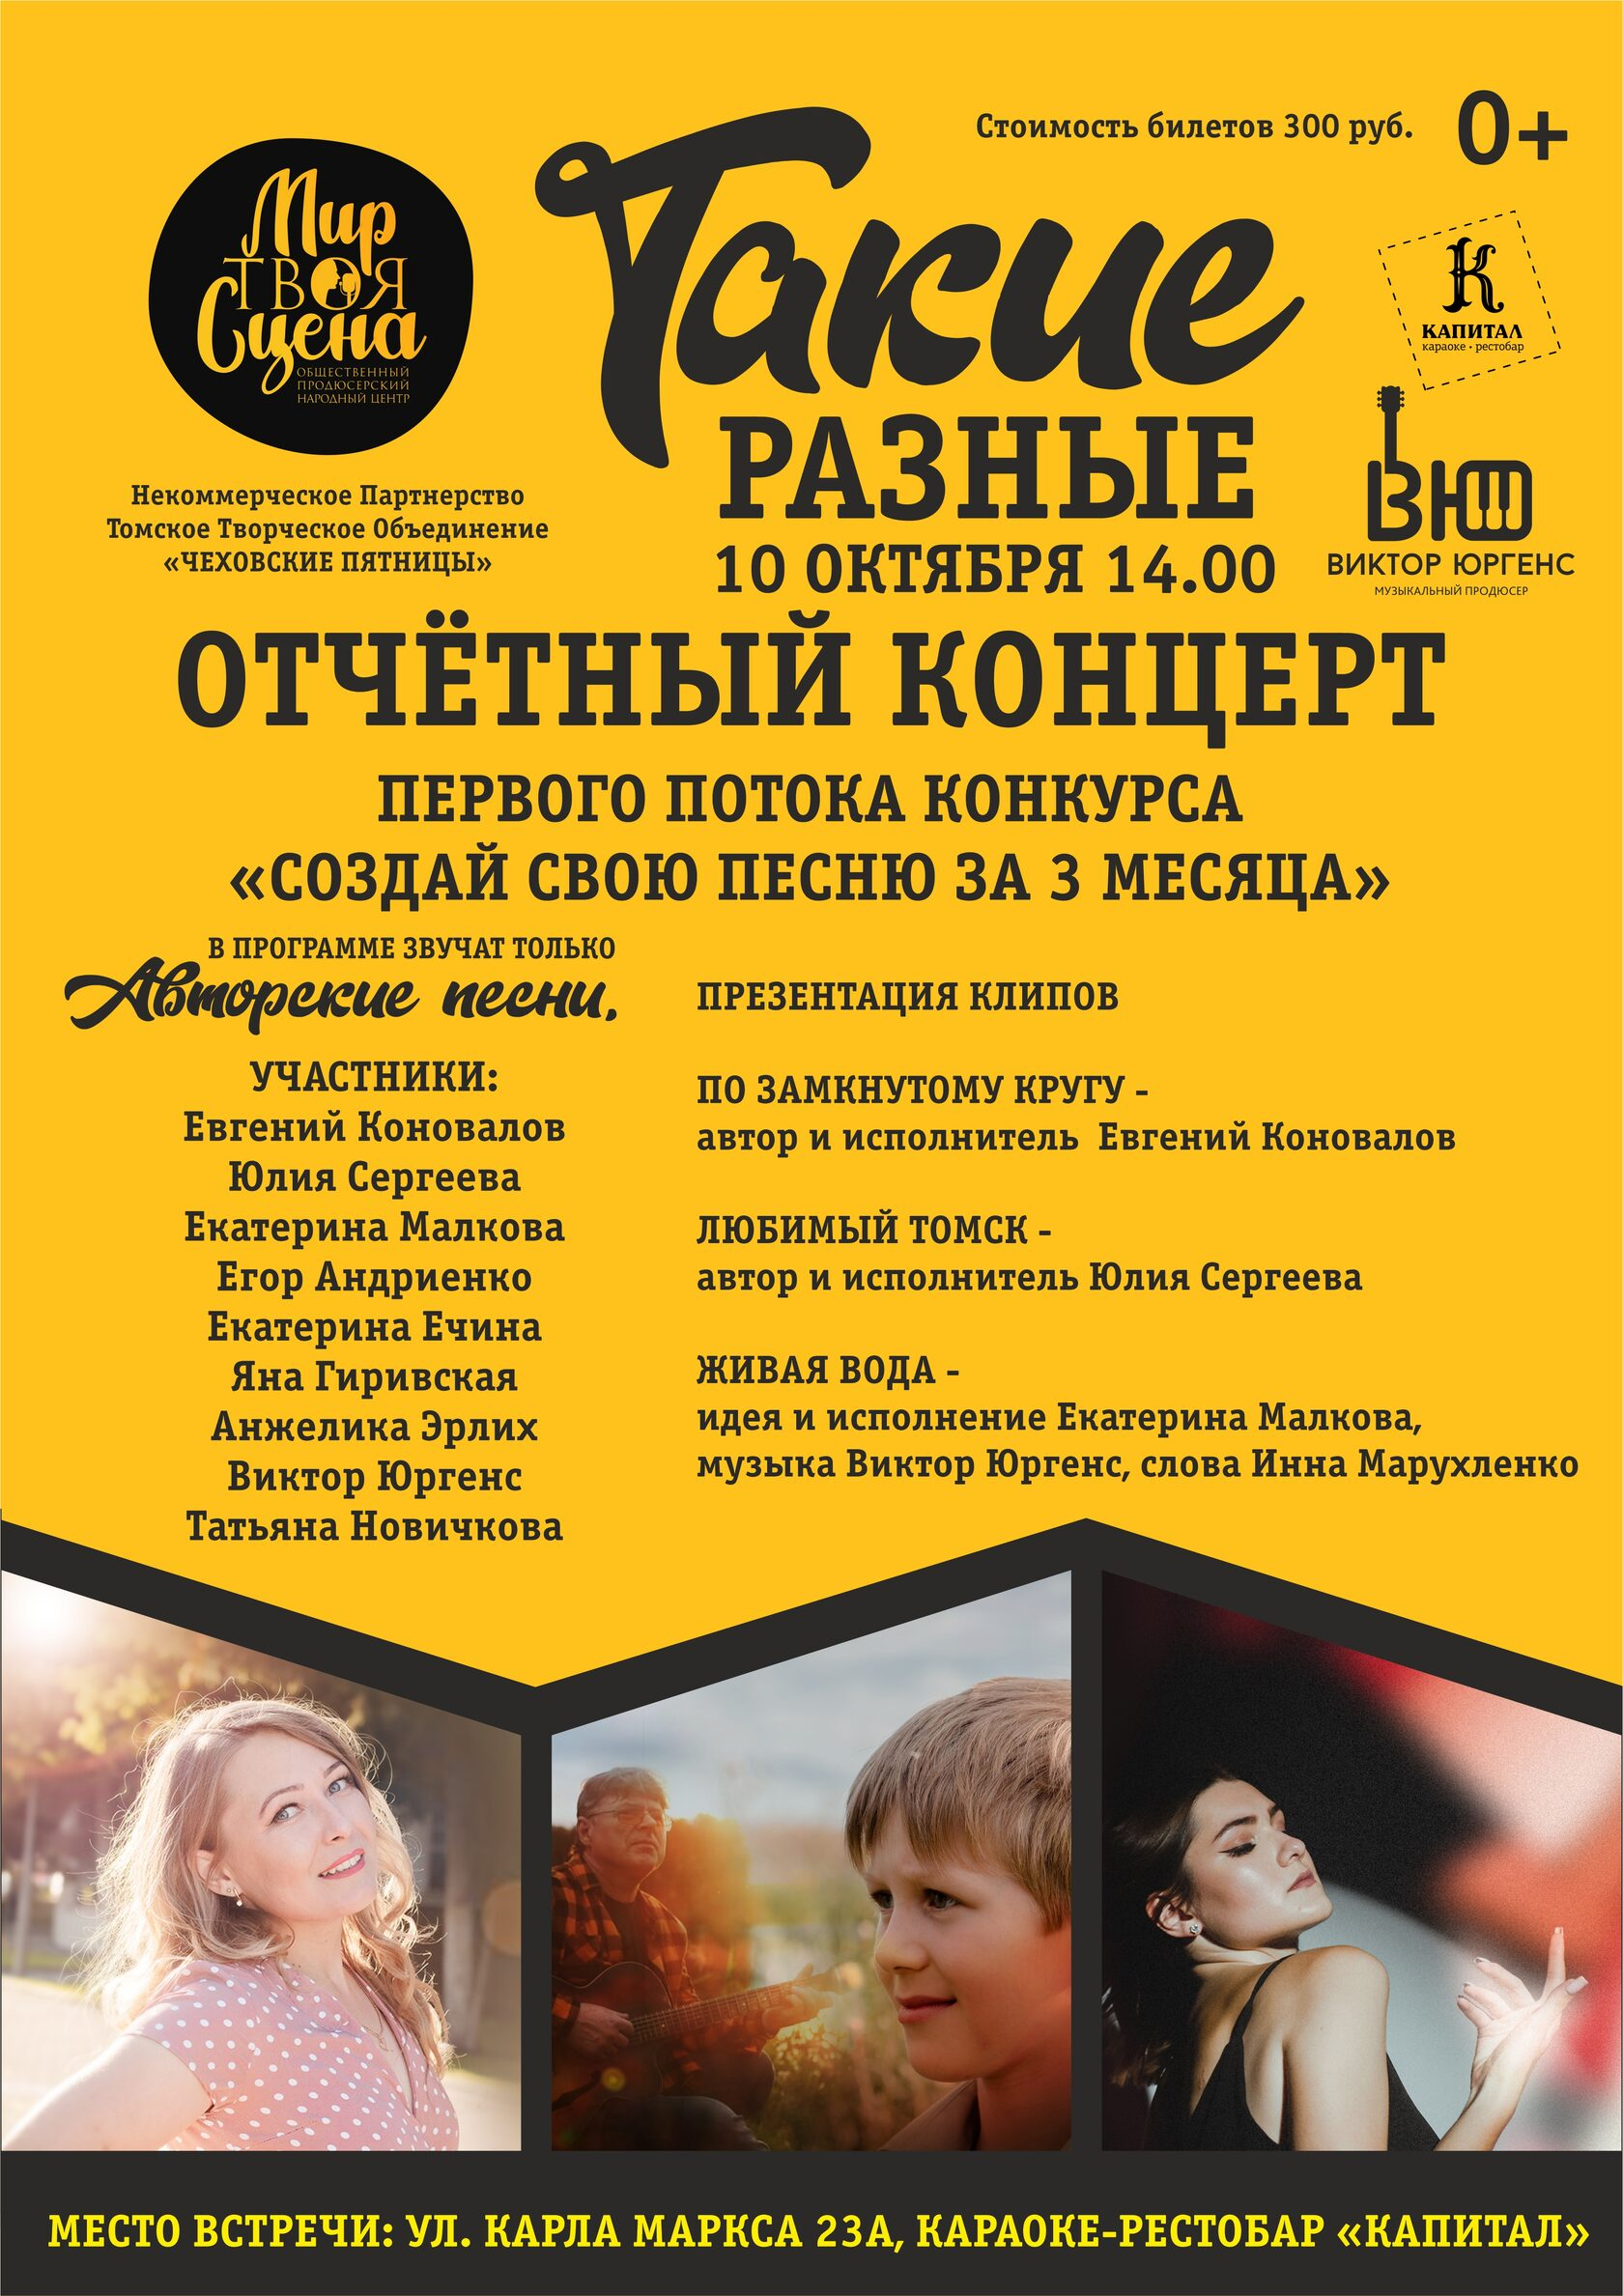 Афиша куда сходить в Томске 10 октября. Концерт авторских песен